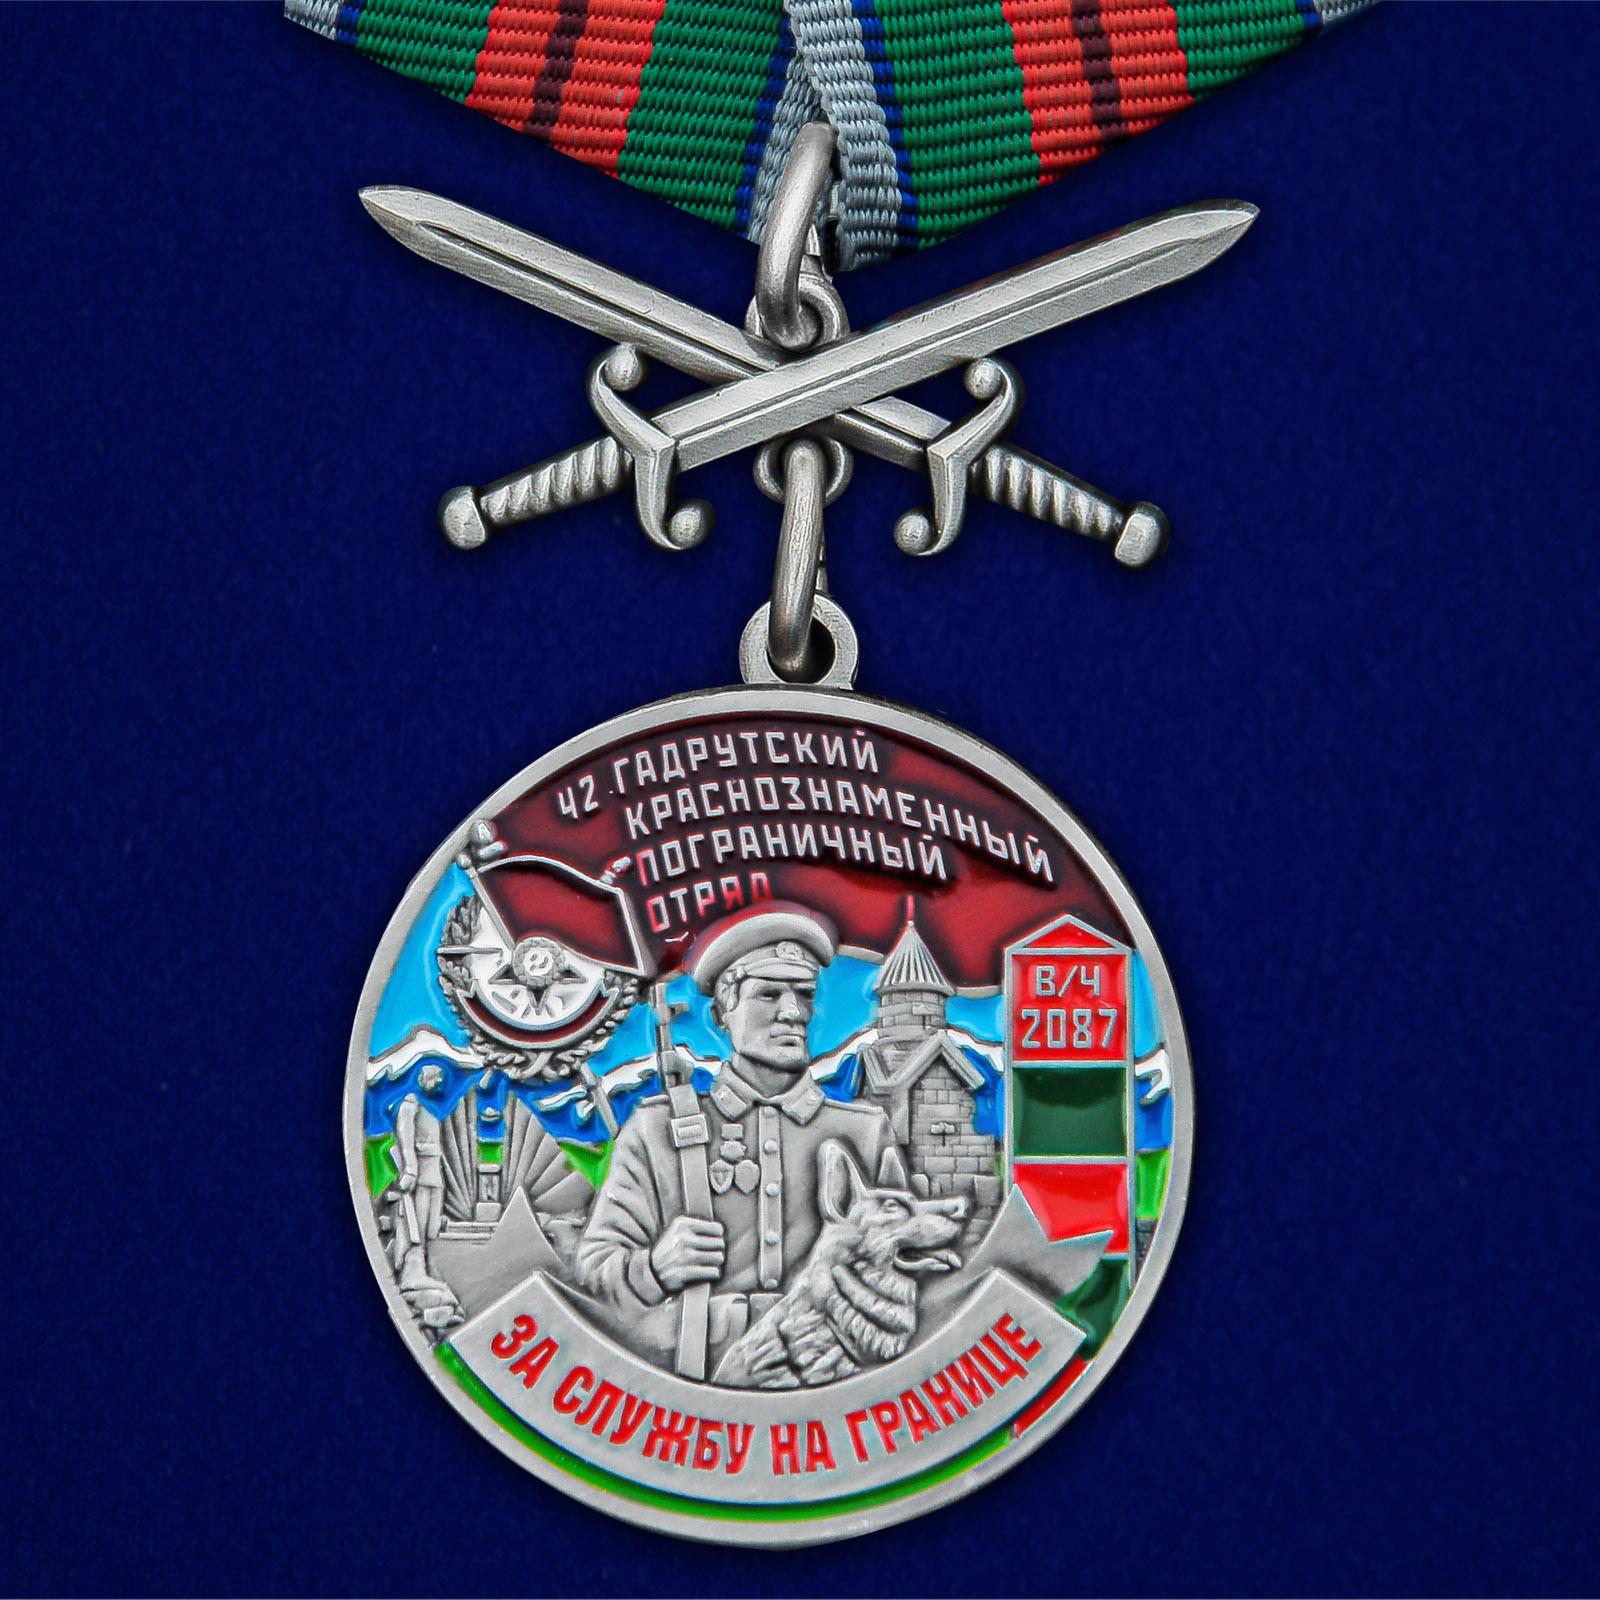 Памятная медаль За службу в Гадрутском пограничном отряде - общий вид